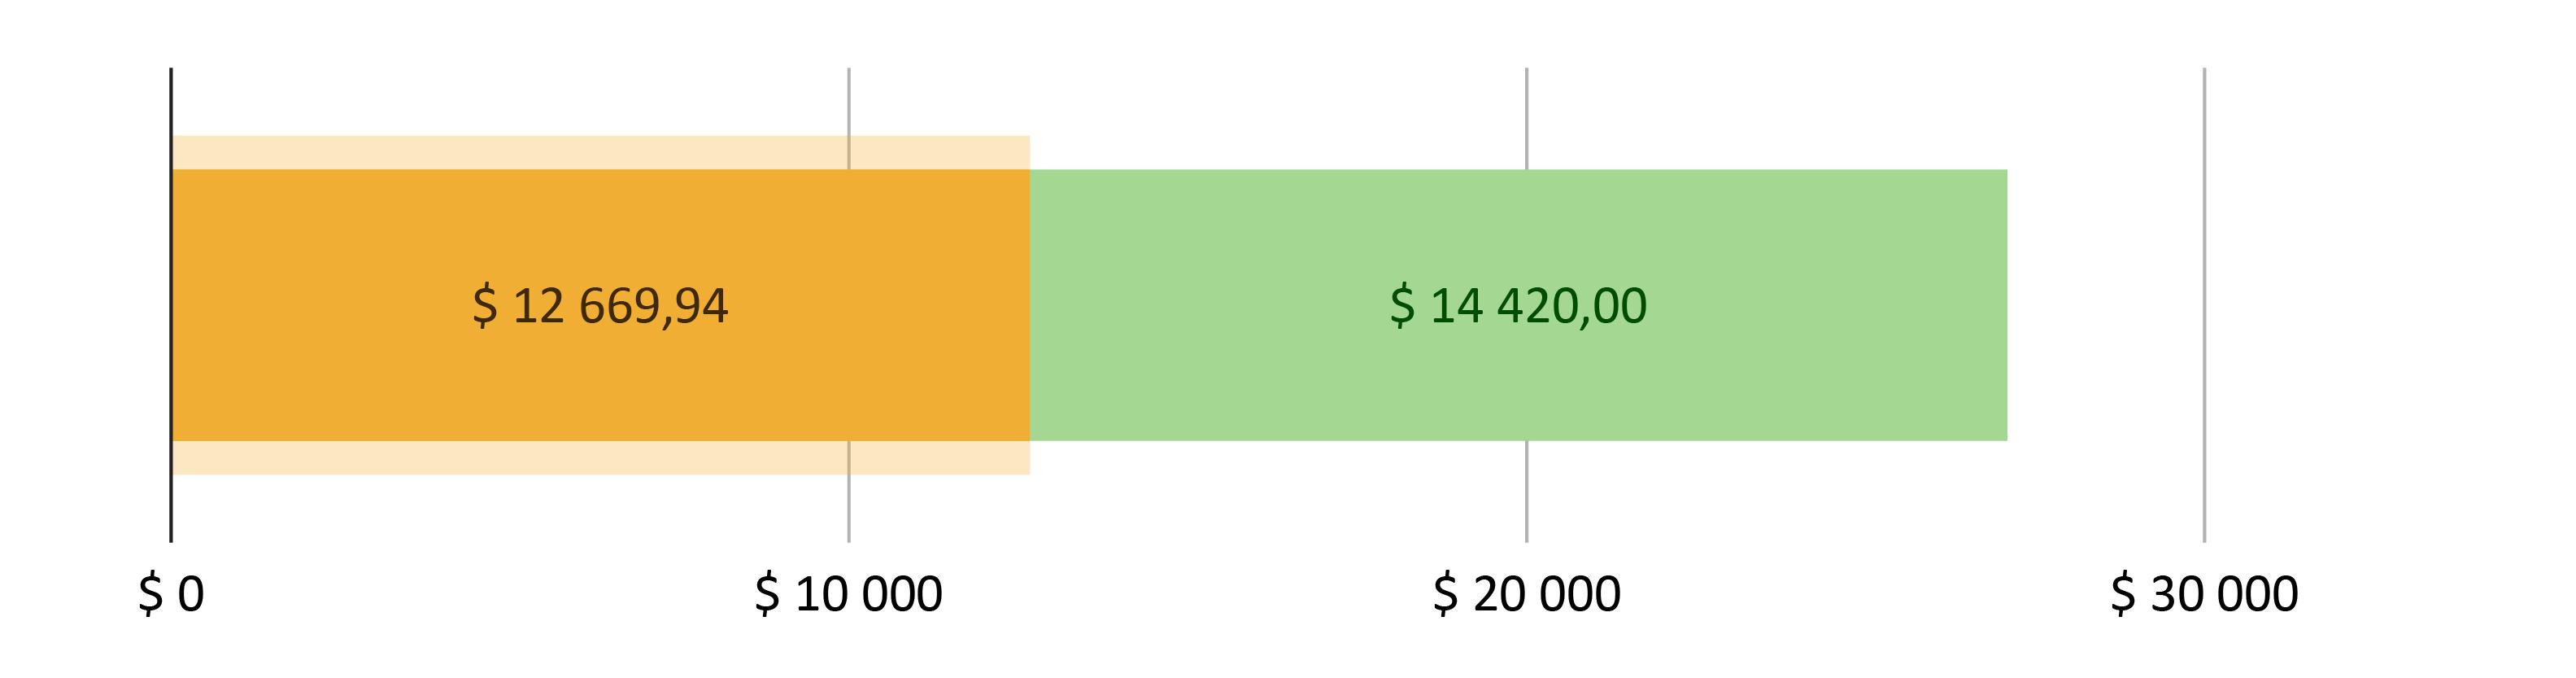 $ 12 669,94 brukt; $ 14 420,00 gjenstår